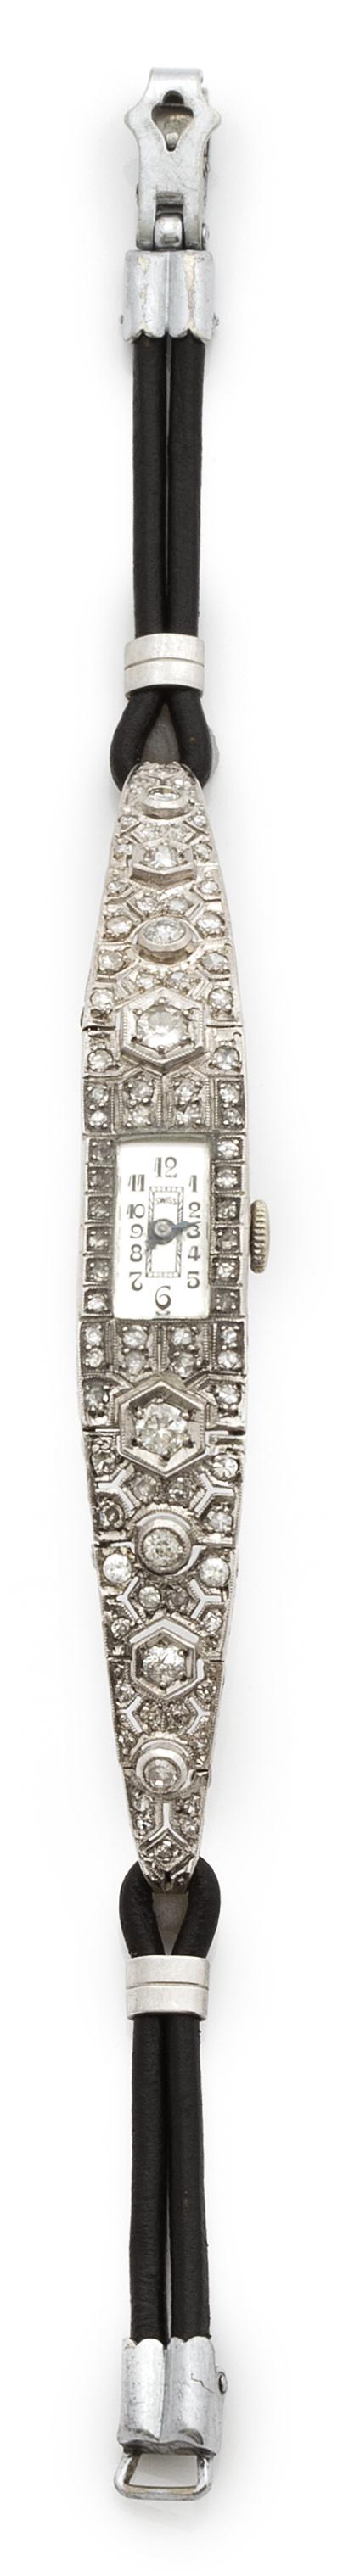 Reloj Art-Decó de brillantes y platino con pulsera de piel.